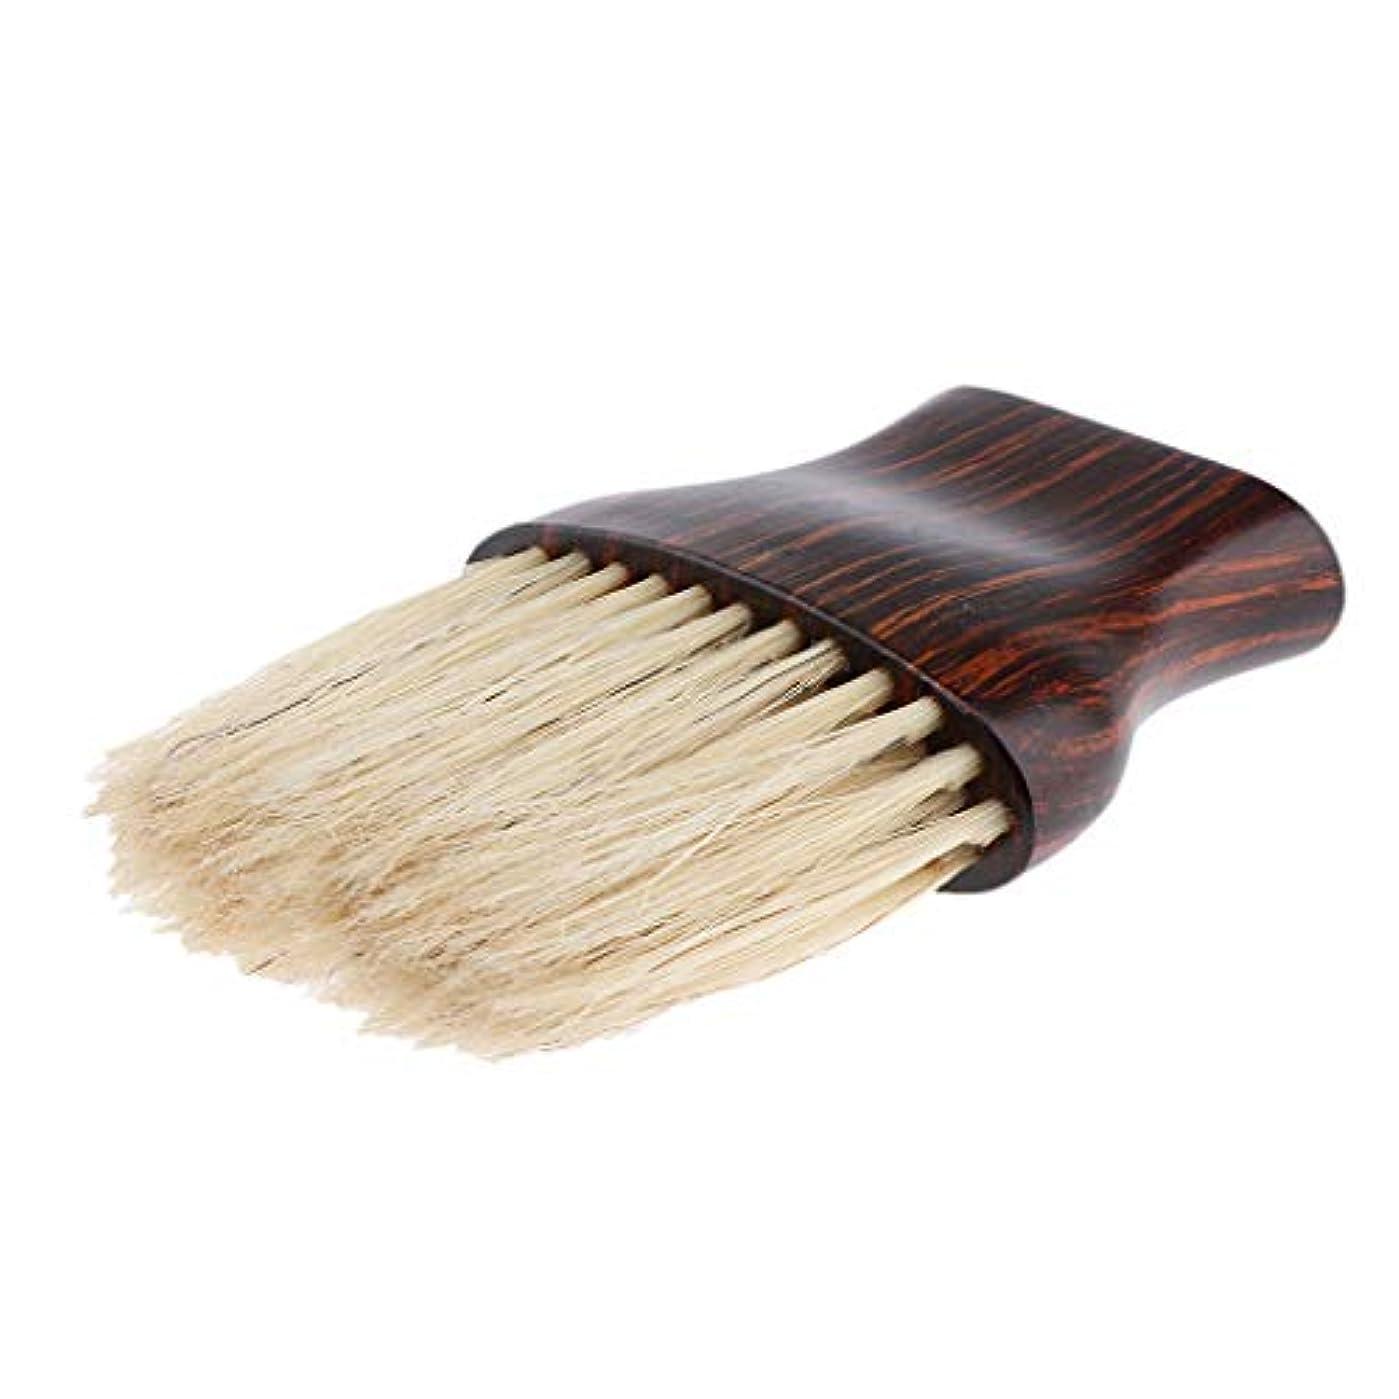 晩ごはんパテギャロップネックダスターブラシ 柔らかい繊維 ヘアブラシ 木製ハンドル 快適